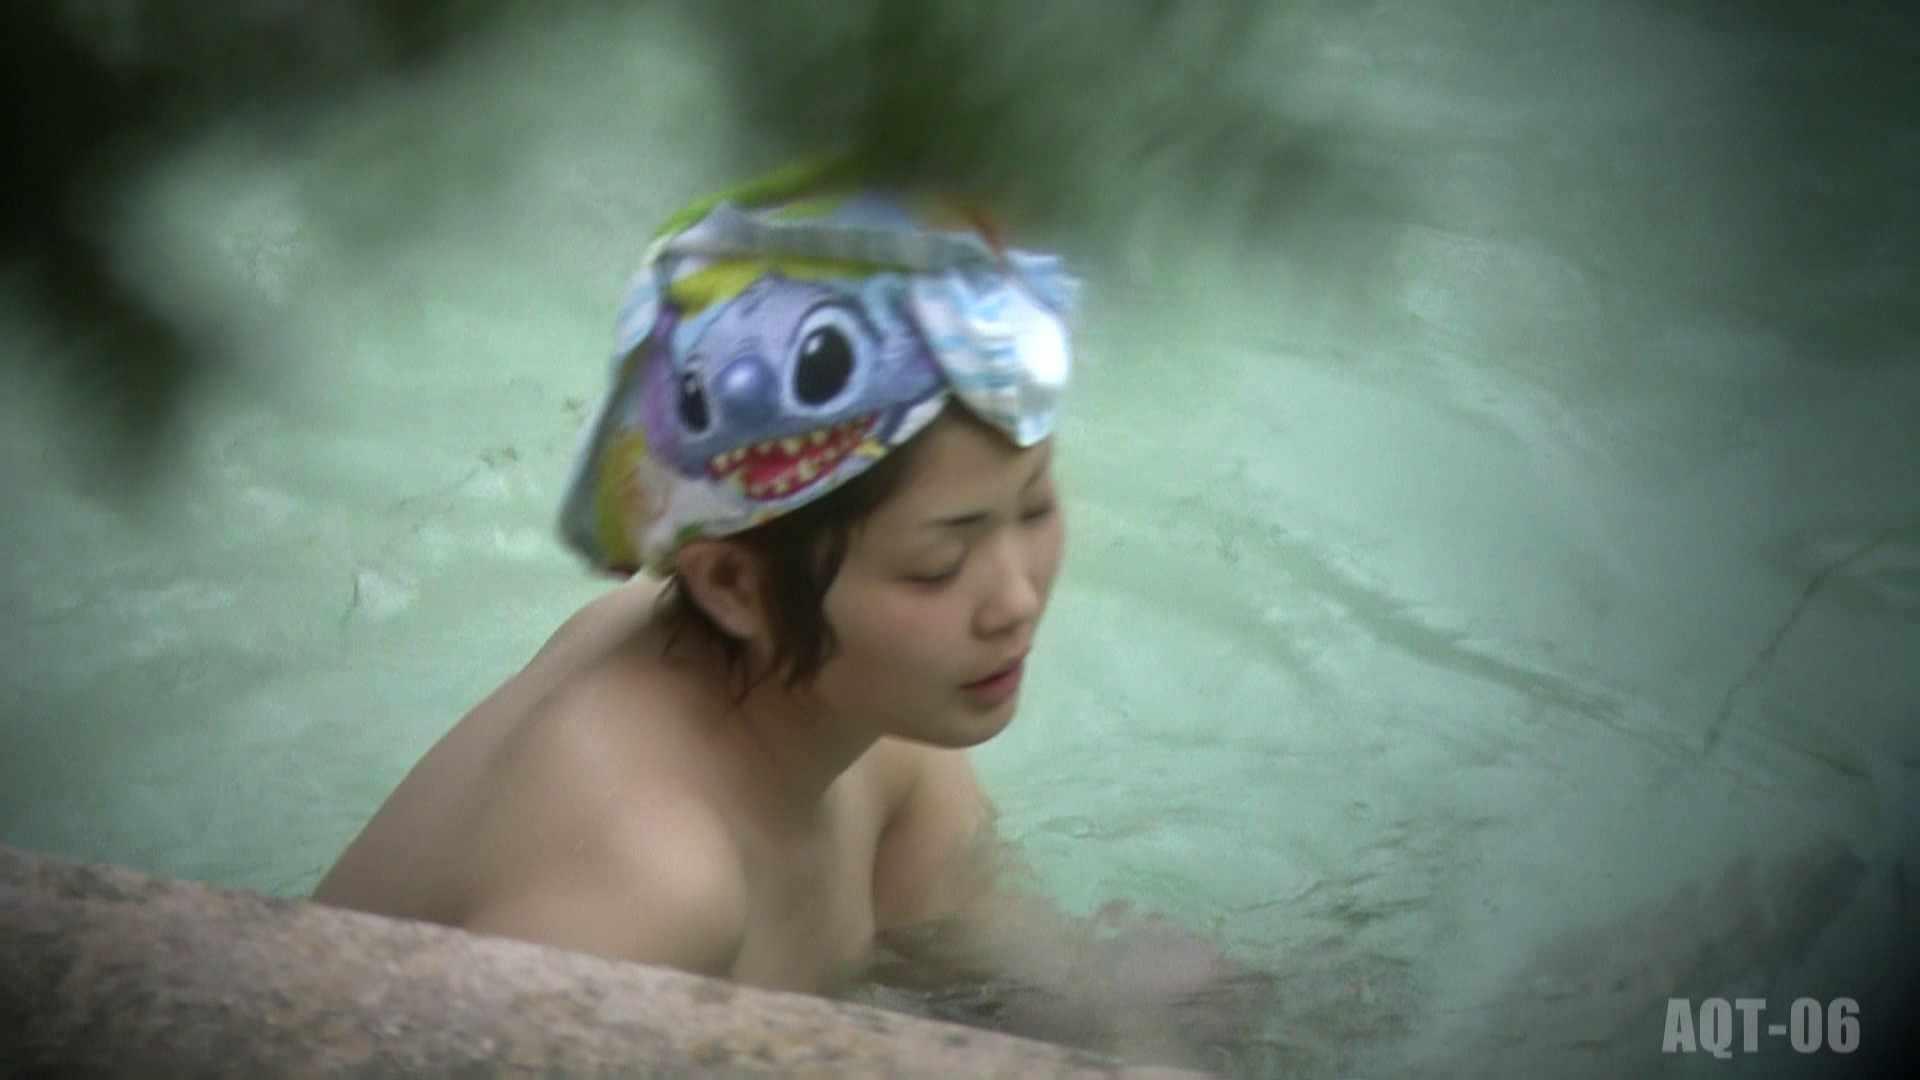 Aquaな露天風呂Vol.761 OLのエロ生活  97連発 96